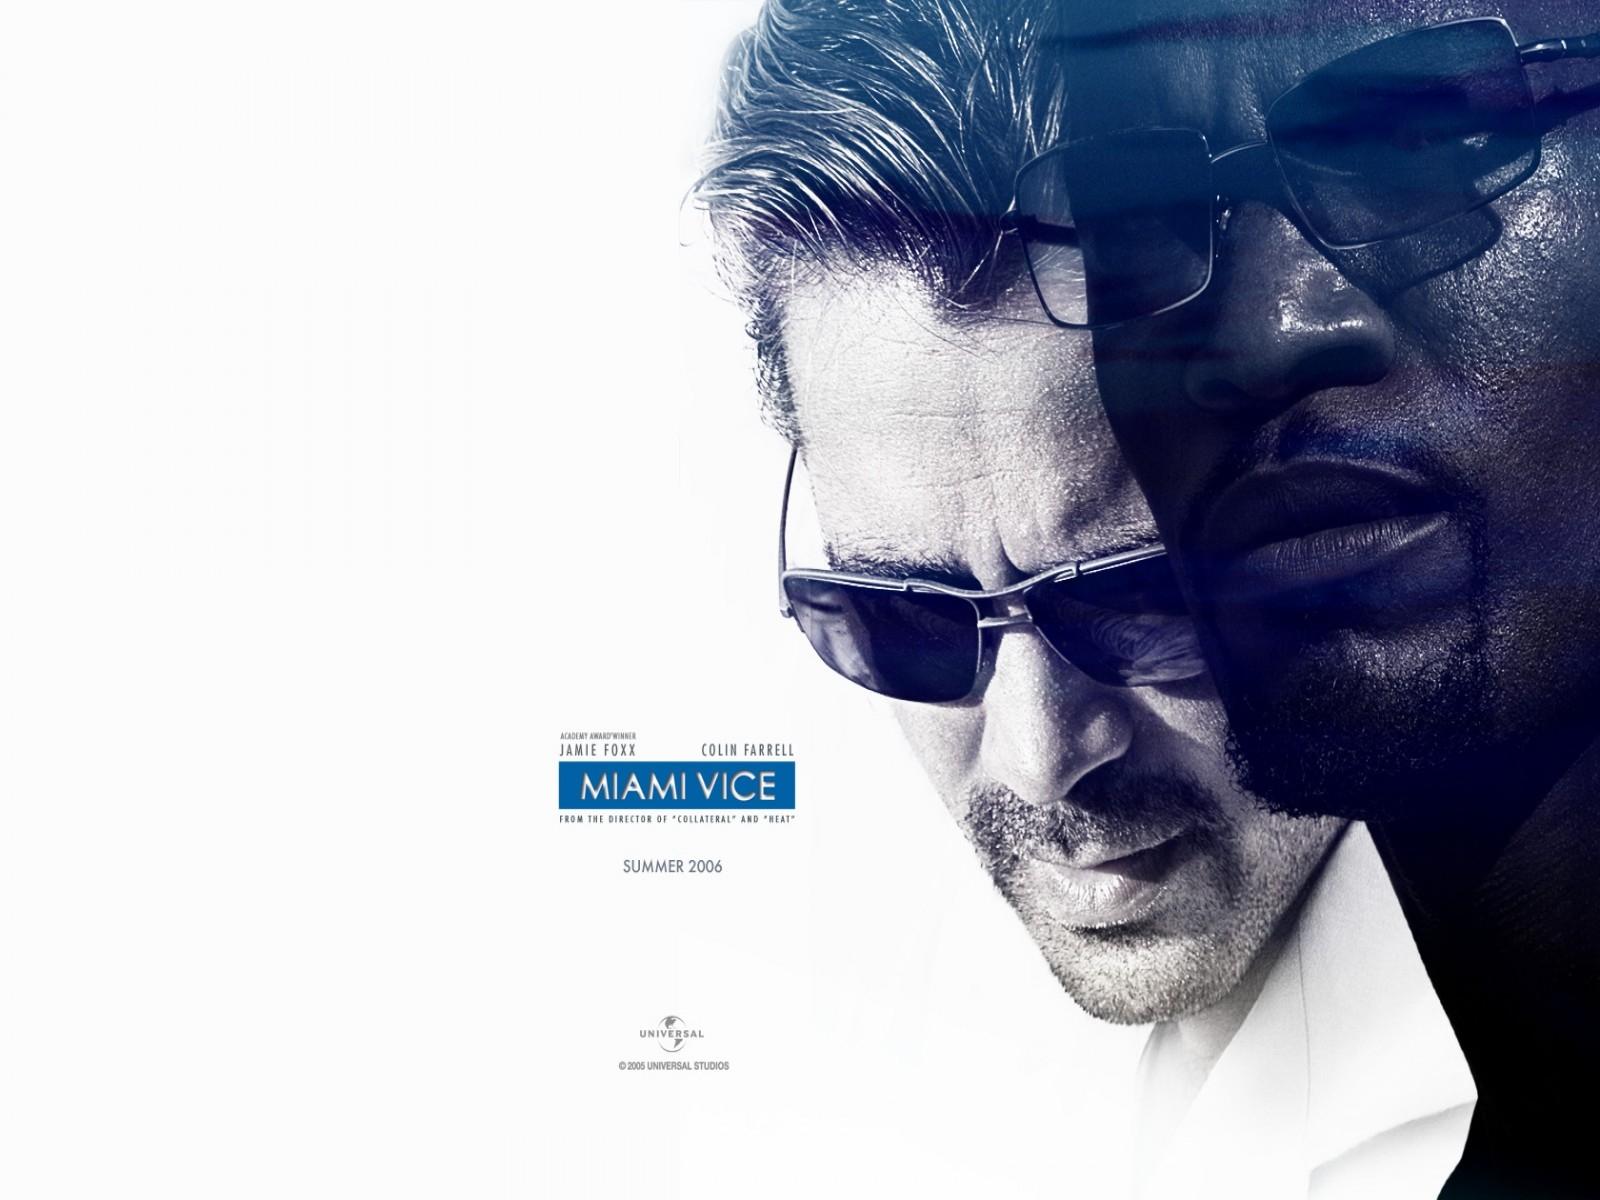 Wallpaper del film Miami Vice con Jamie Foxx e Colin Farrell